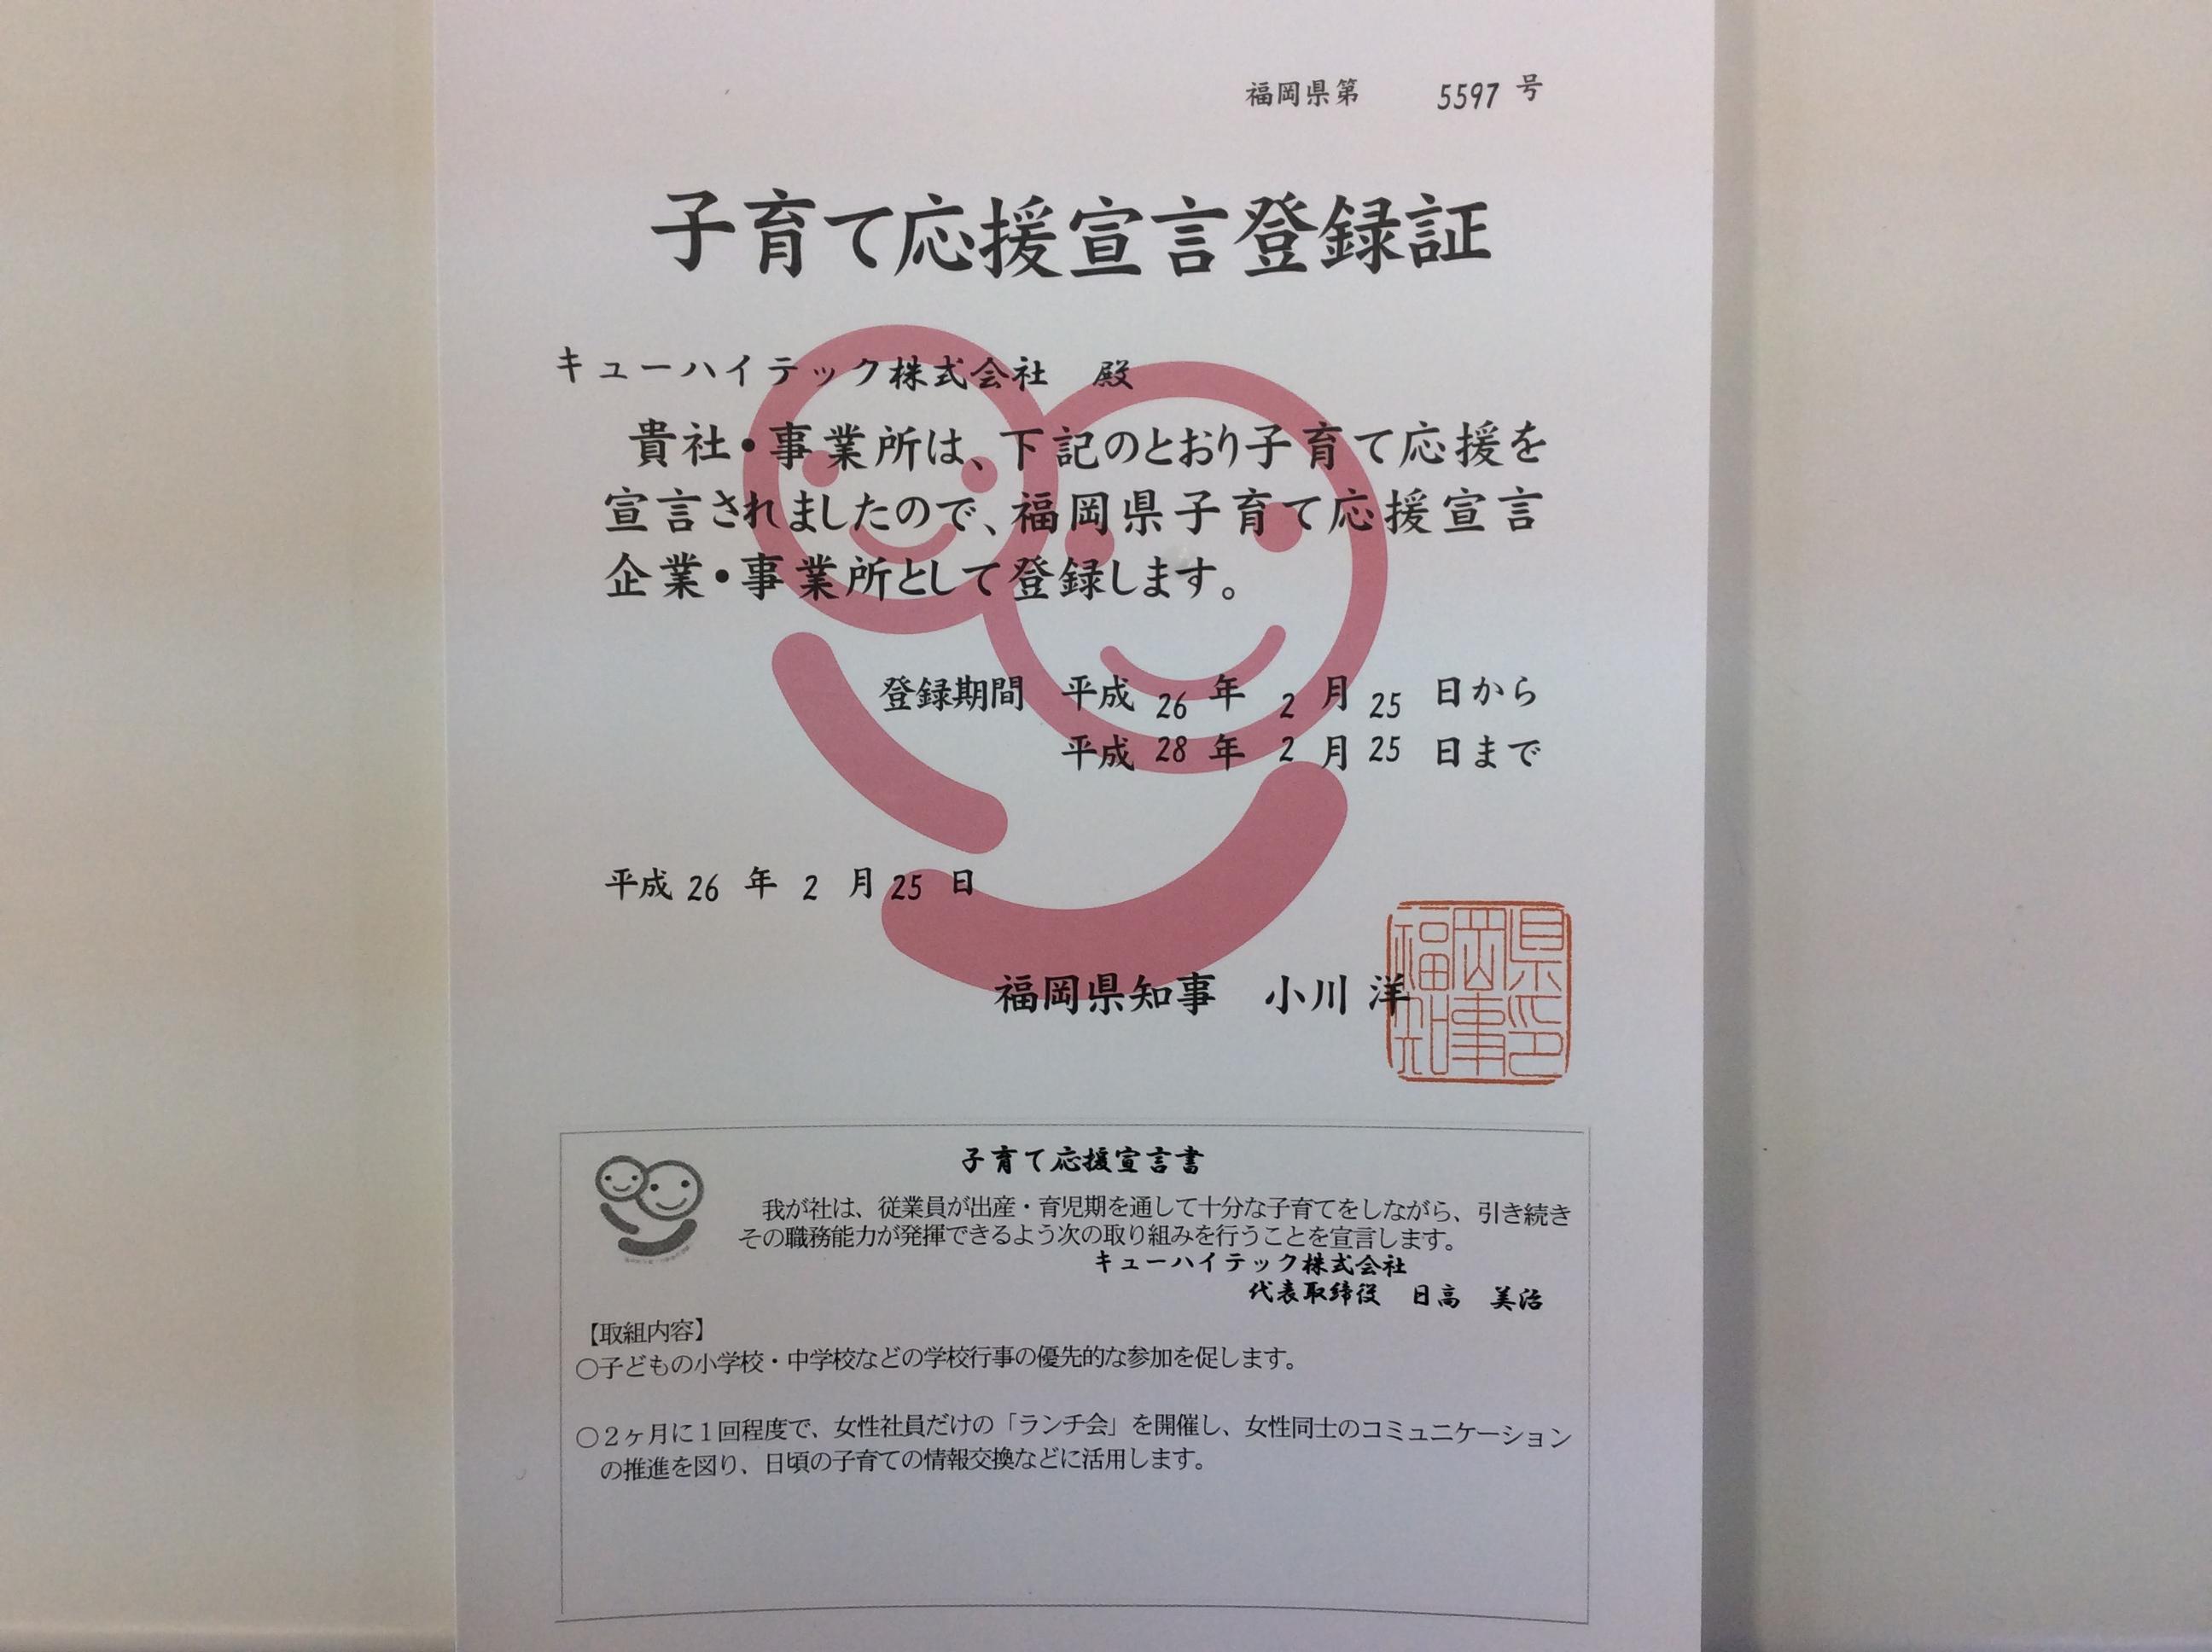 福岡県子育て支援企業の認定をいただきました